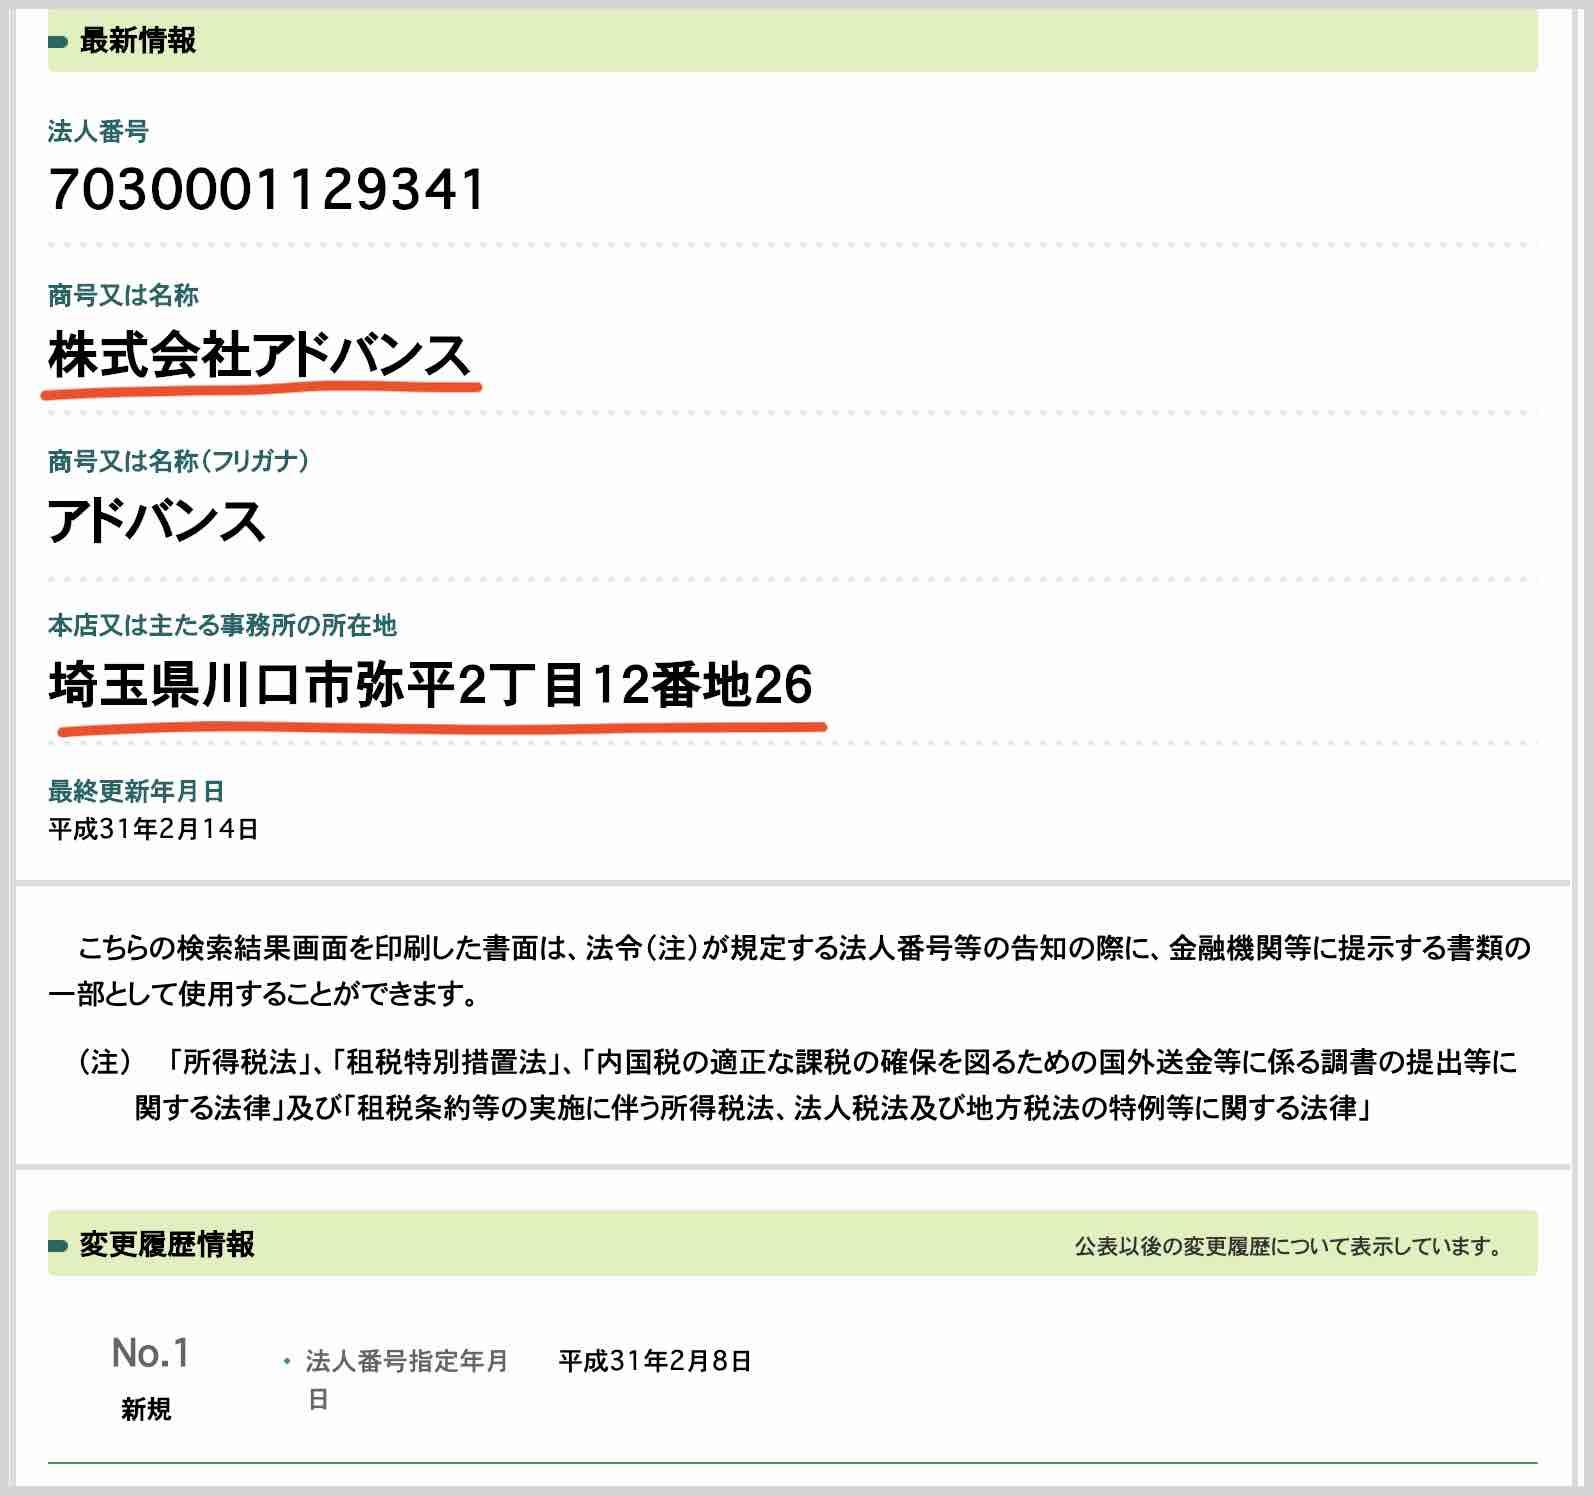 株式会社アドバンスの情報を国税庁サイトで見つける